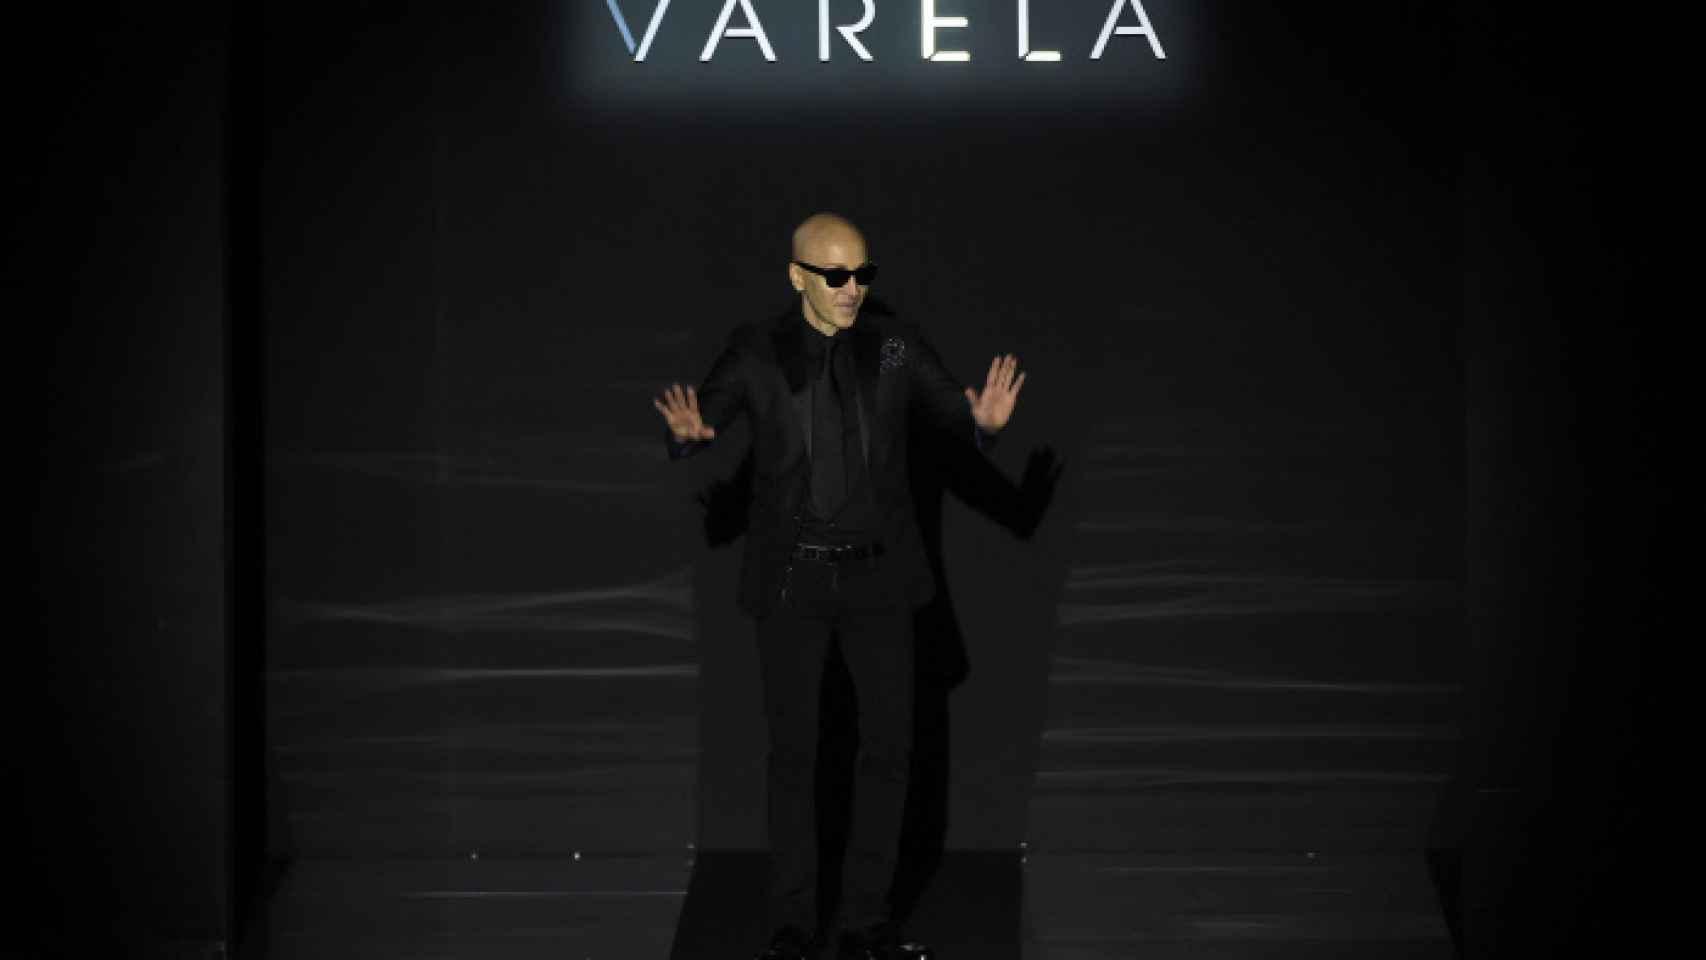 Varela sale a saludar tras el desfile.